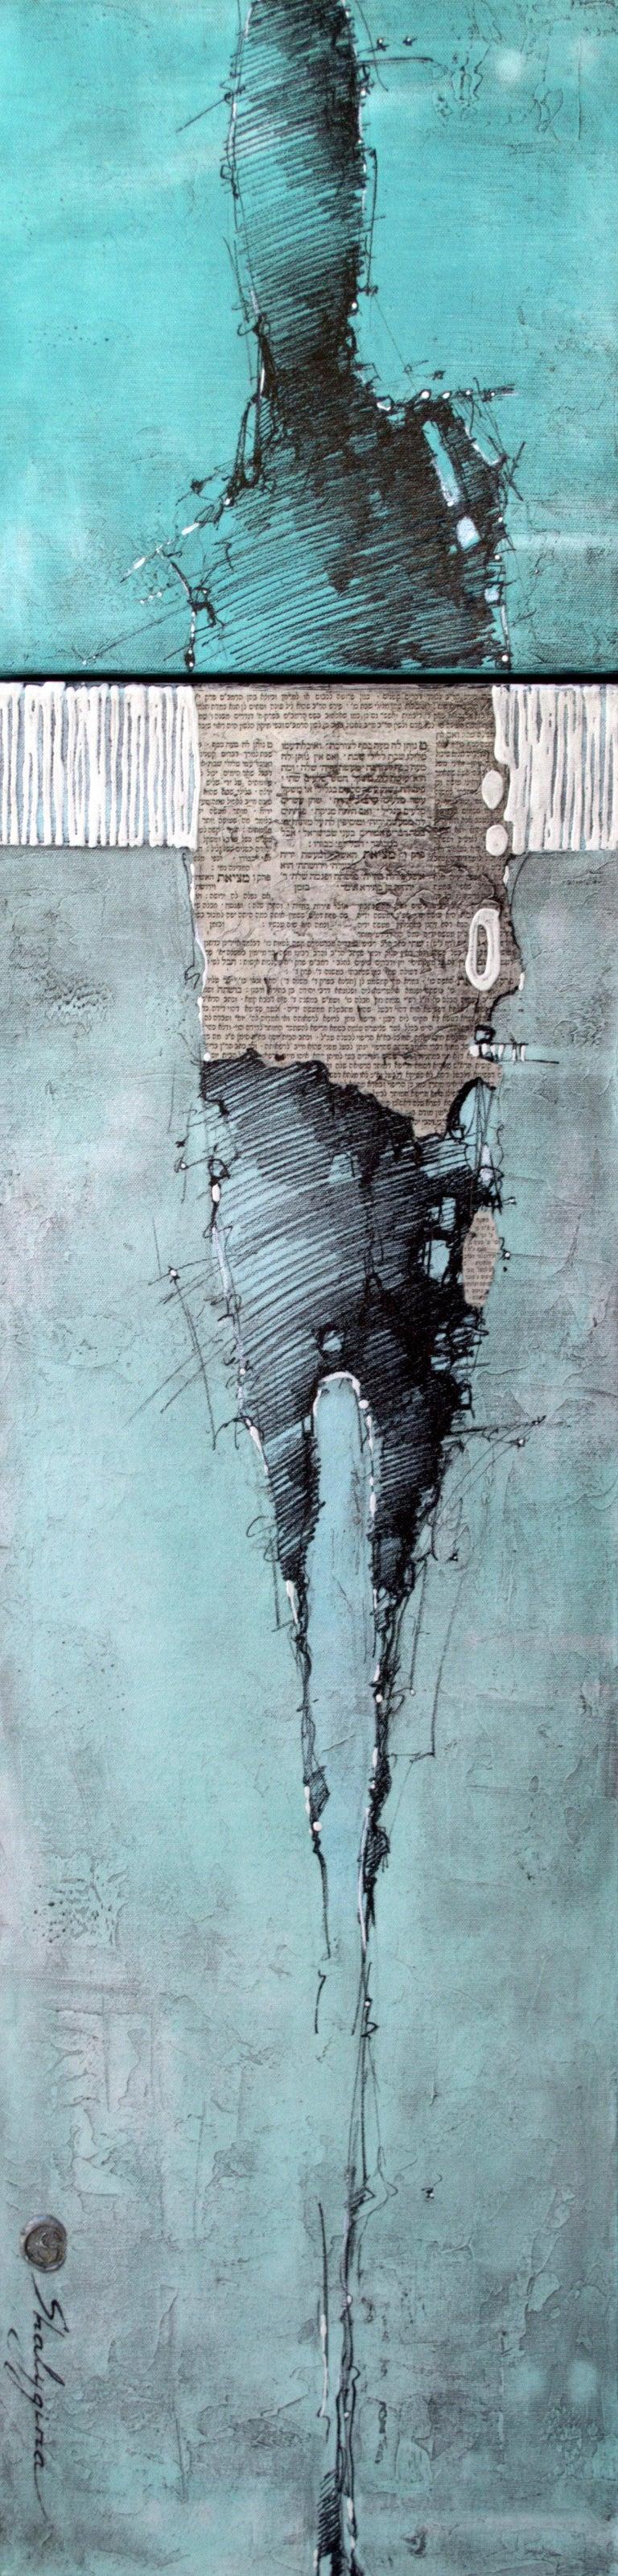 """Svetlana Shalygina. """"Tranquility of Mind"""" Teal Figurative mixed media painting - Mixed Media Art by Svetlana Shalygina"""